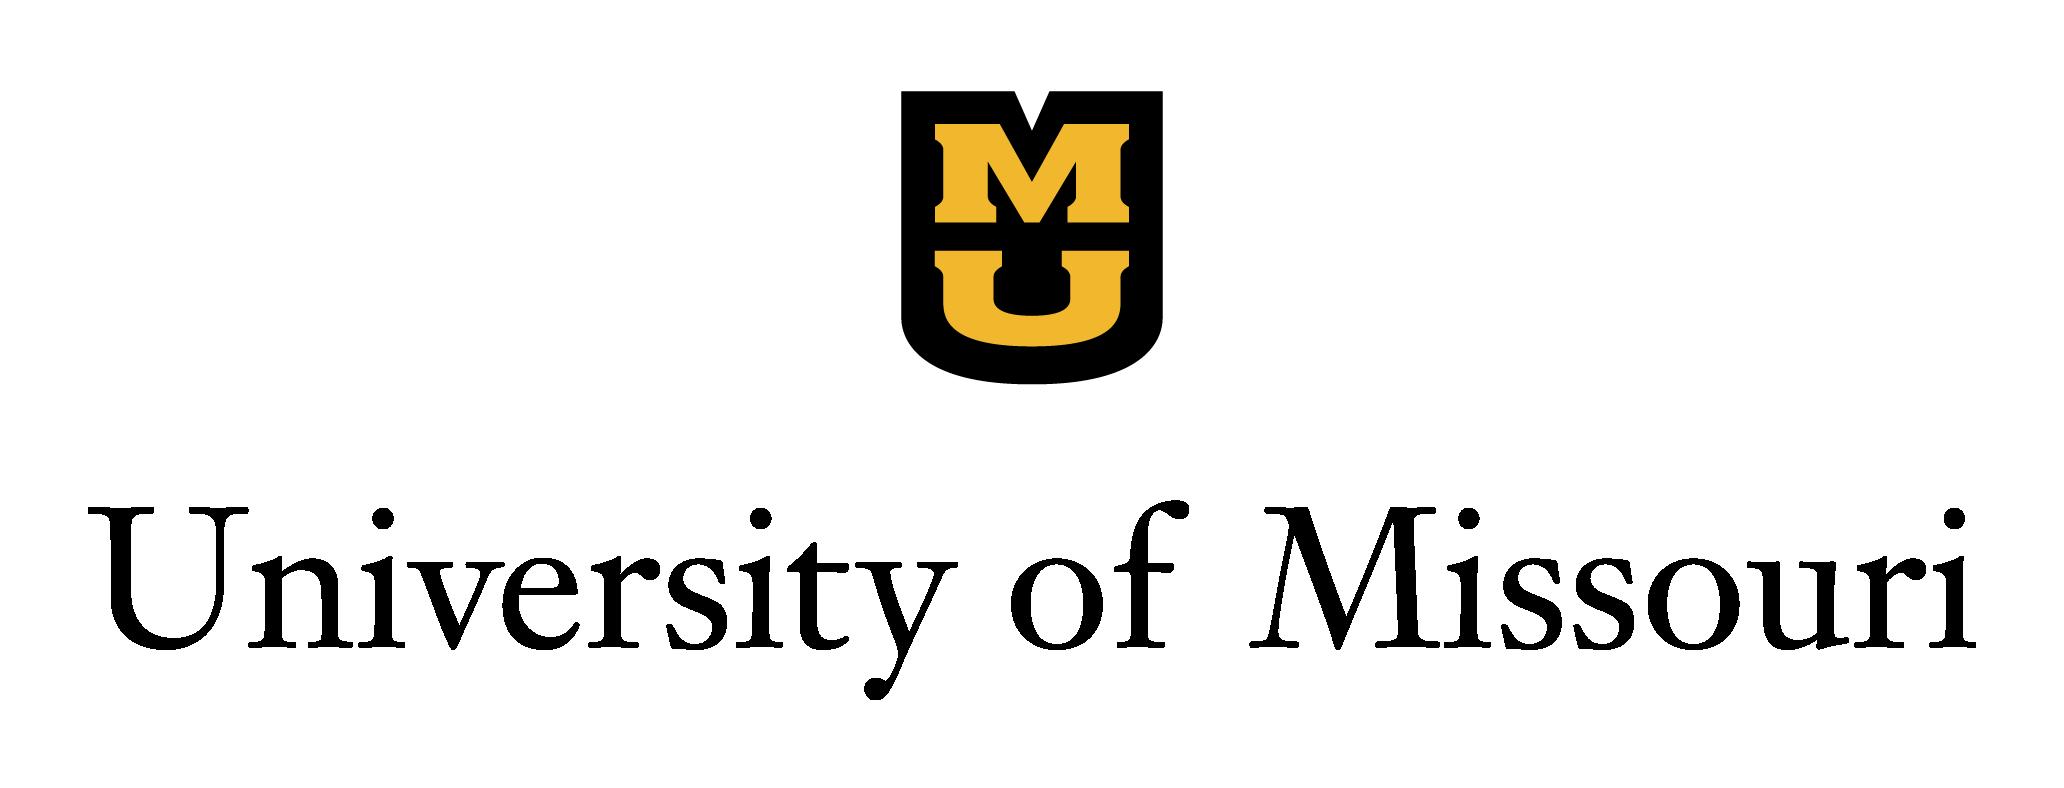 MU_UniversitySig_vert_RGB.png